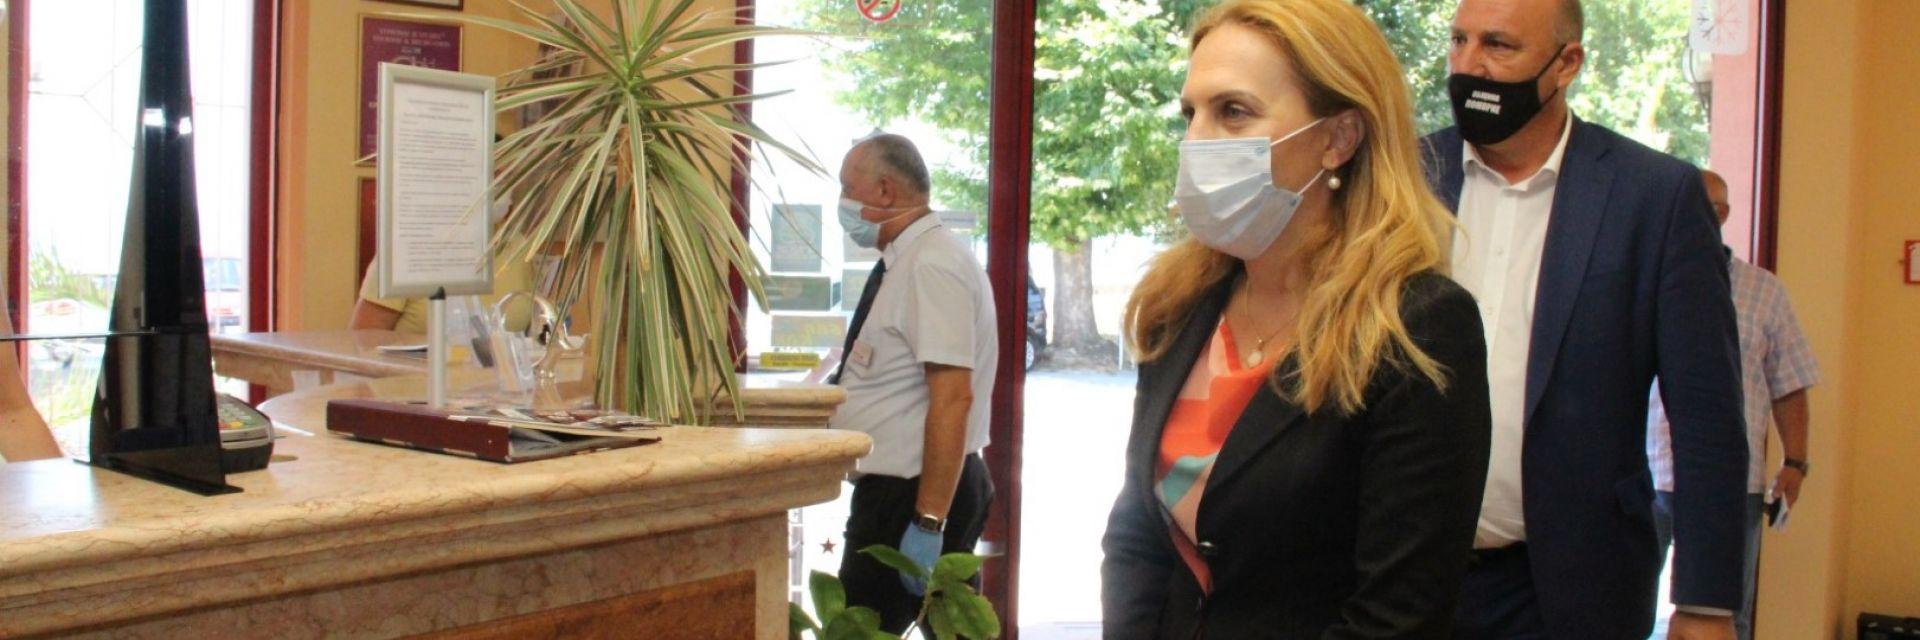 Марияна Николова изненадващо инспектира хотел в Поморие (снимки)